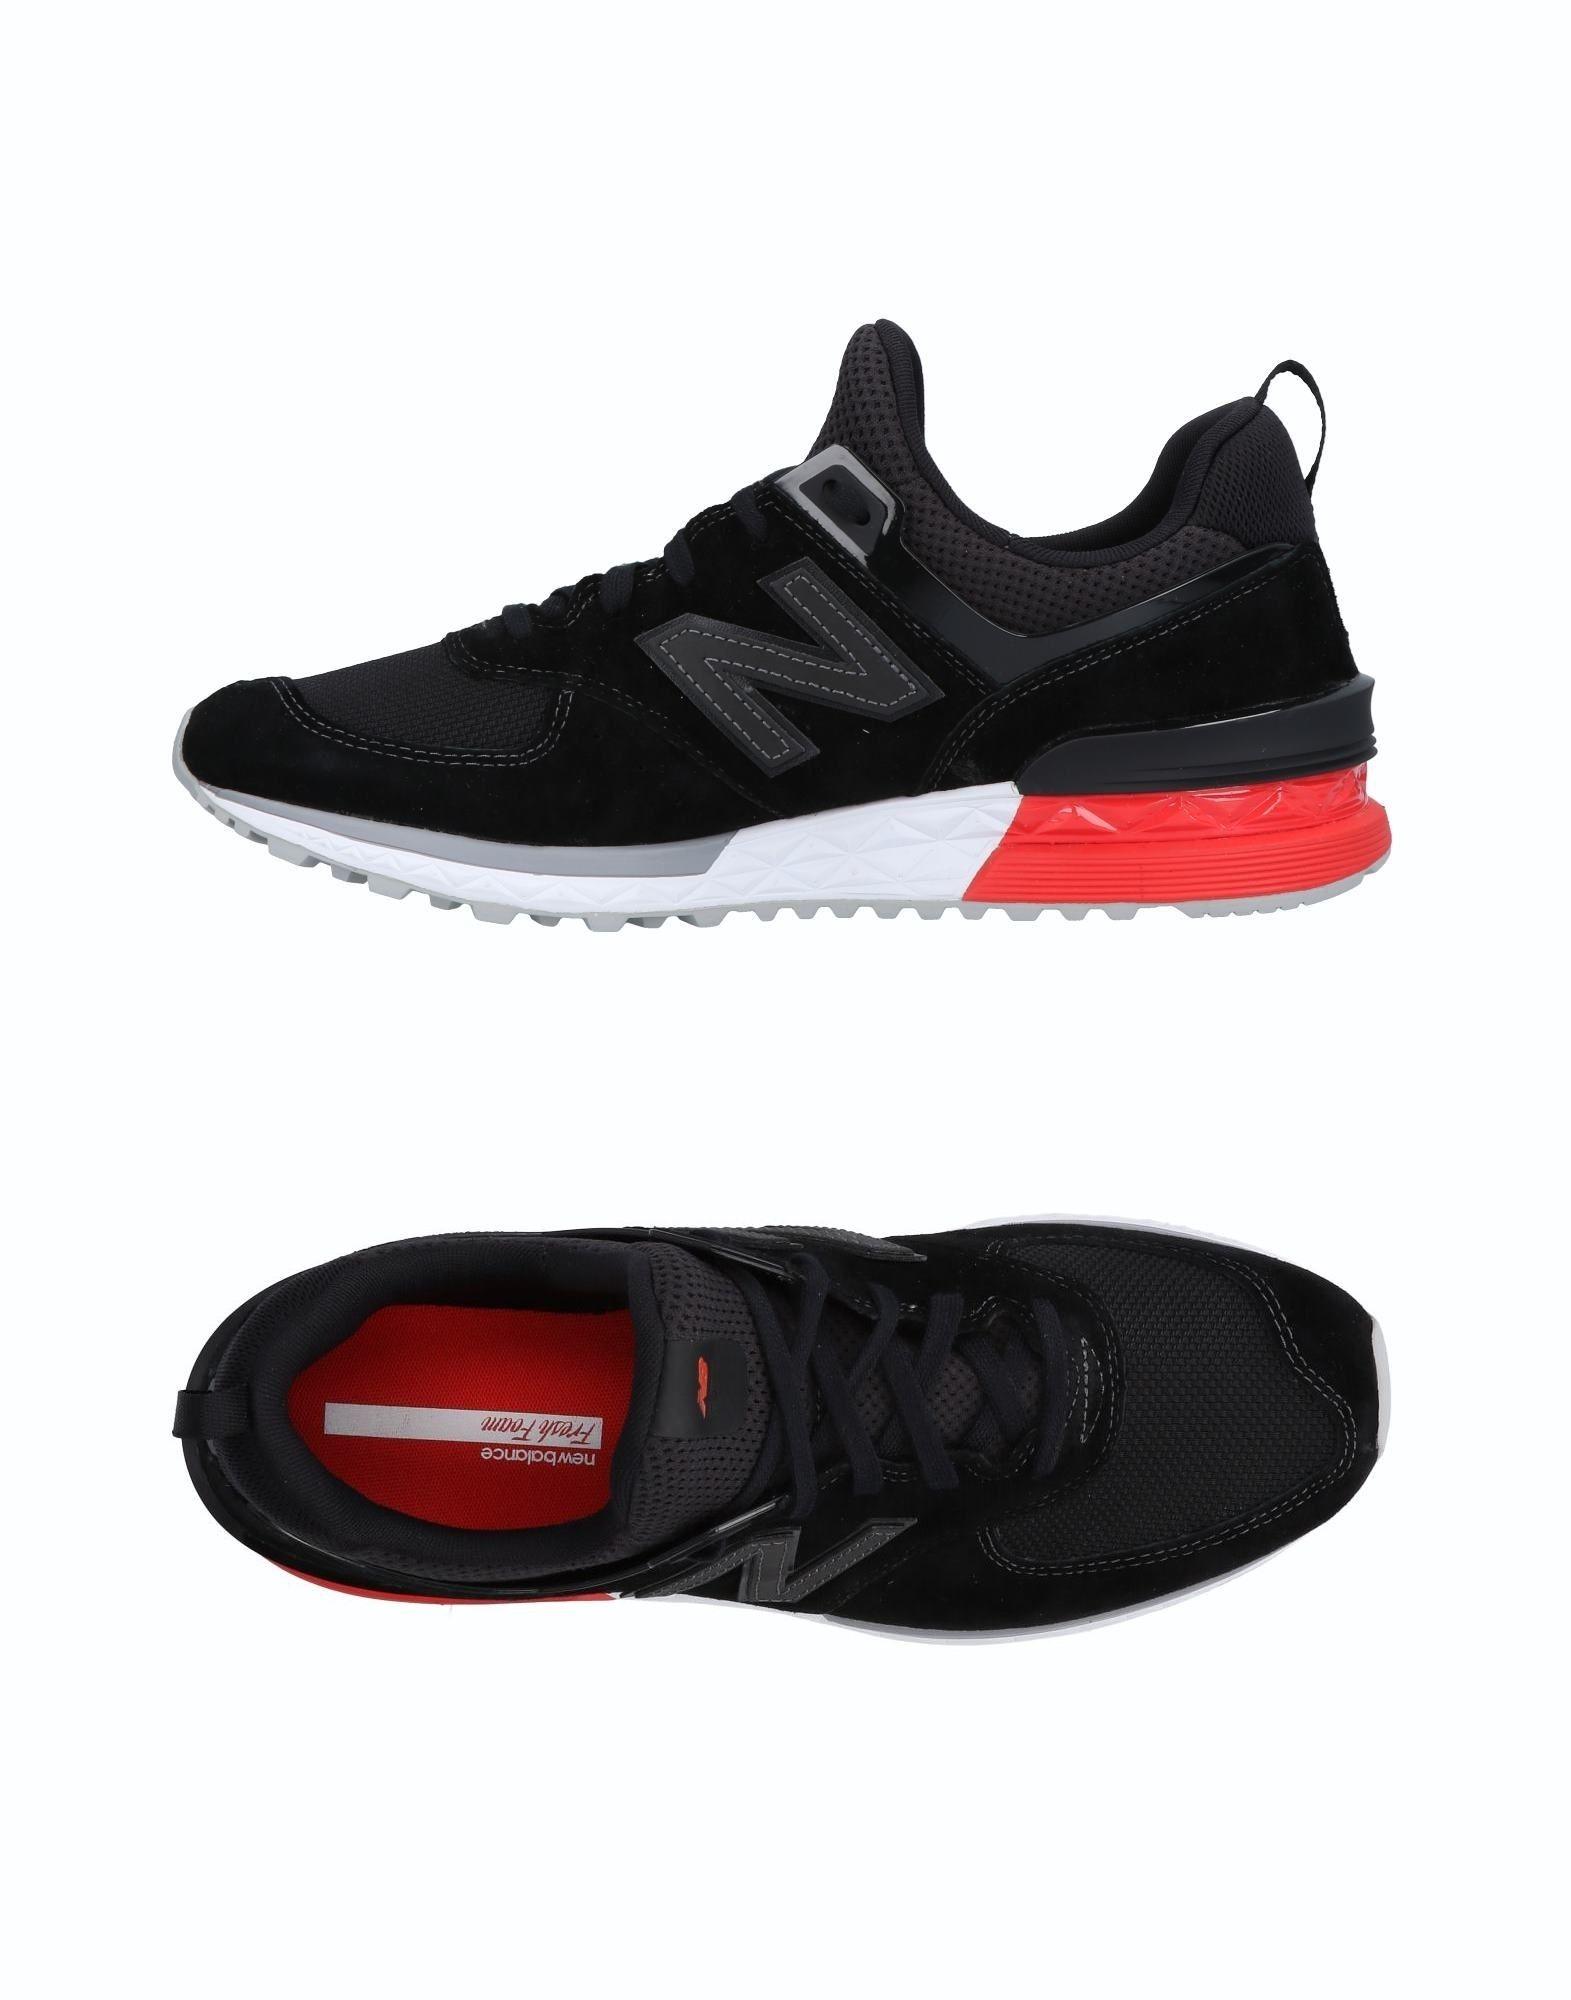 Rabatt echte Schuhe New Balance Sneakers Herren  11465481RM 11465481RM 11465481RM f62409